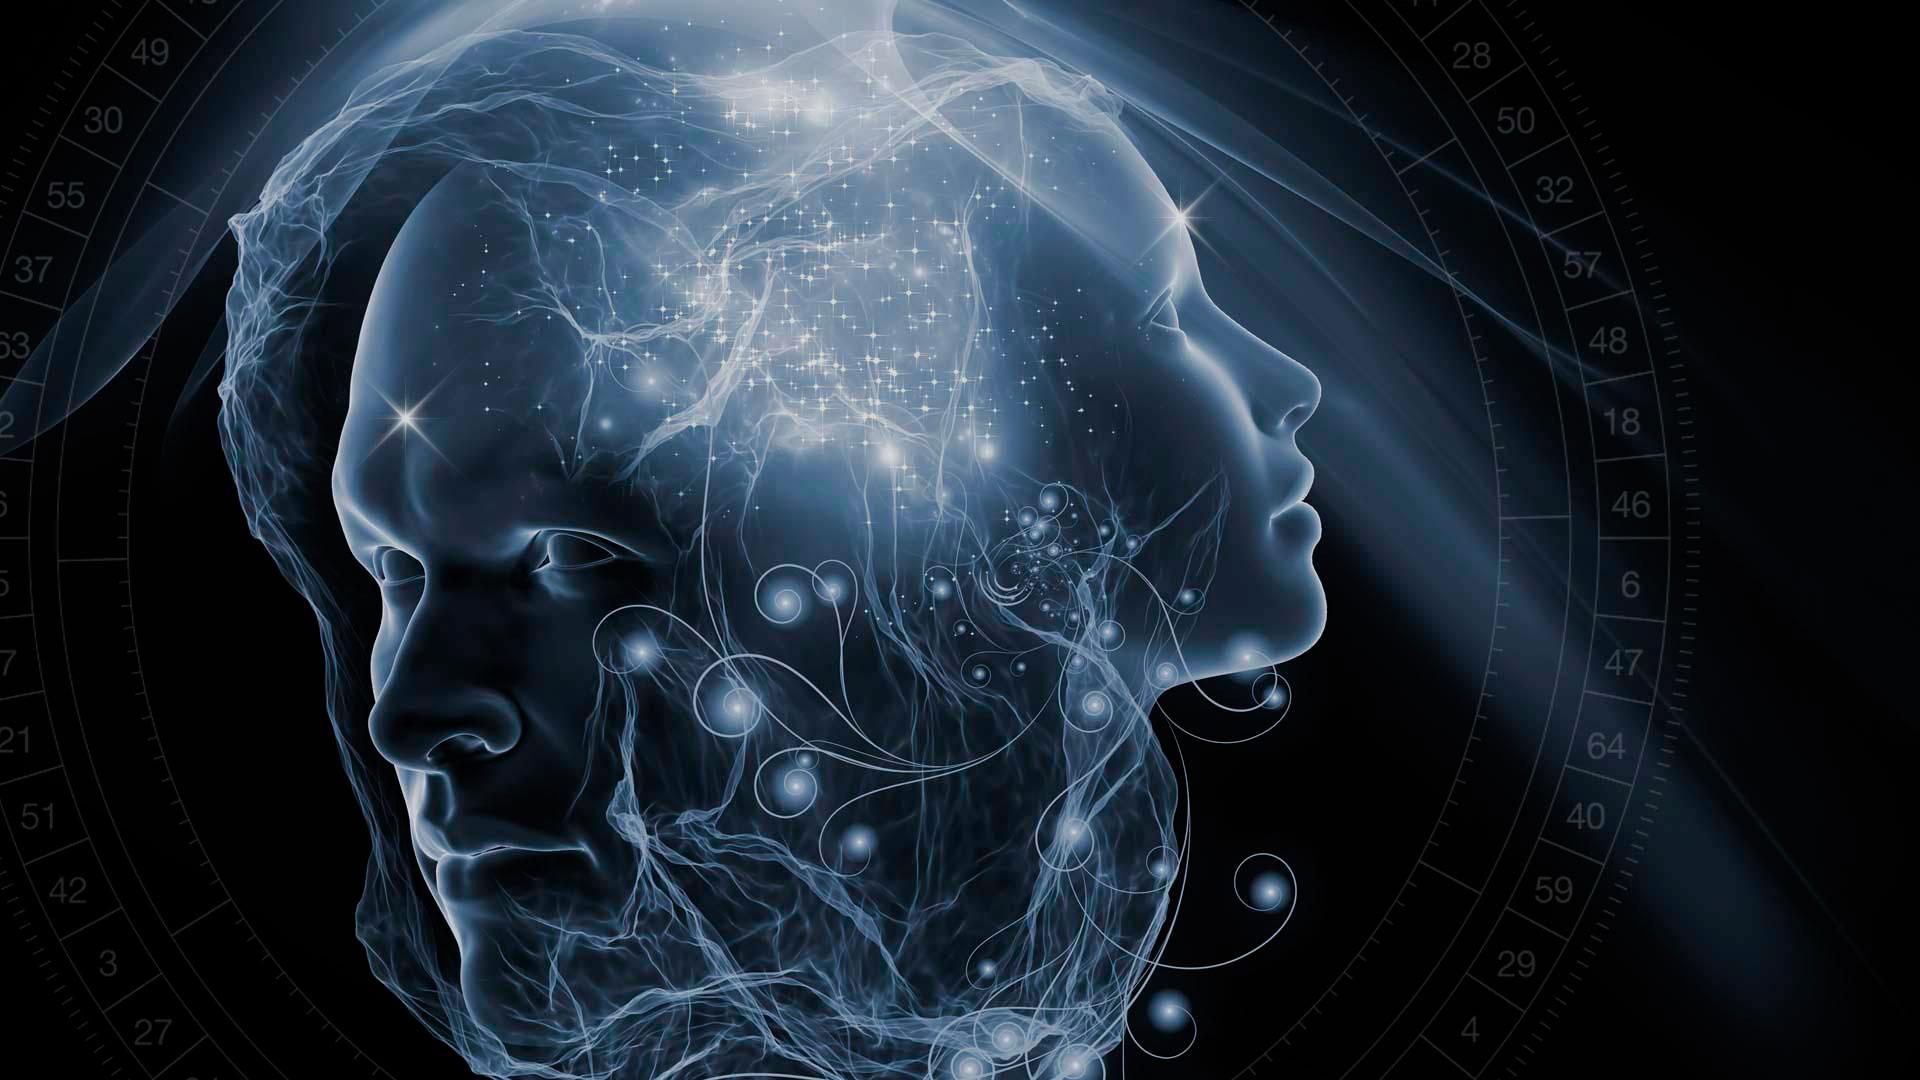 Ученые: после смерти душа человека продолжает жить